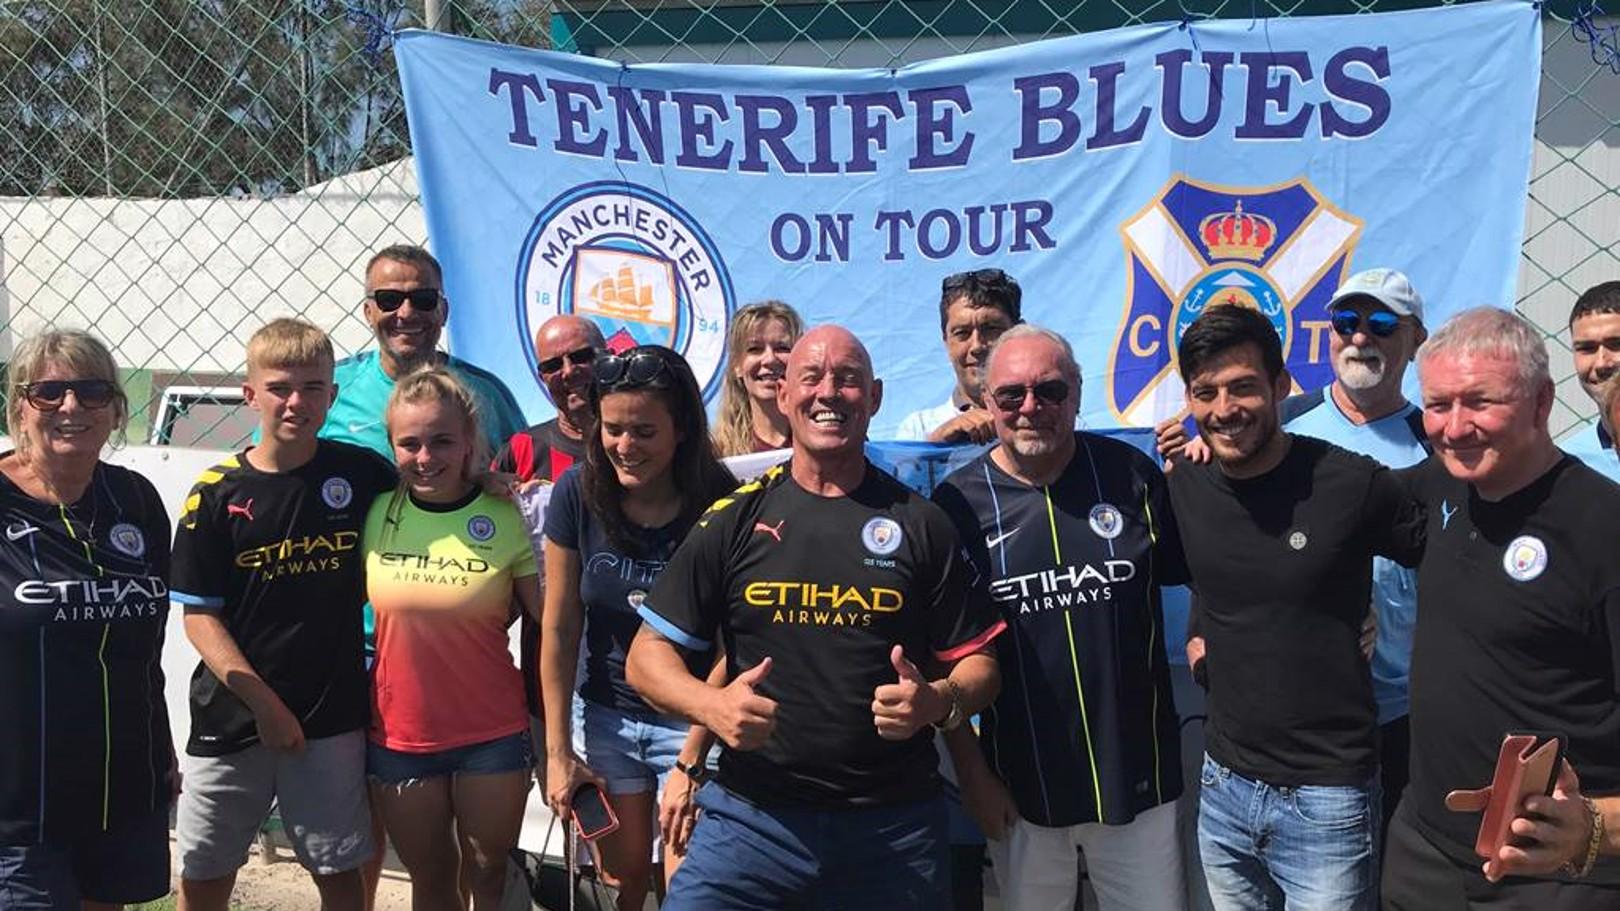 SUPPORTERS CLUB. Los grupos oficiales de Supporters Club son una red de aficionados leales al Manchester City.